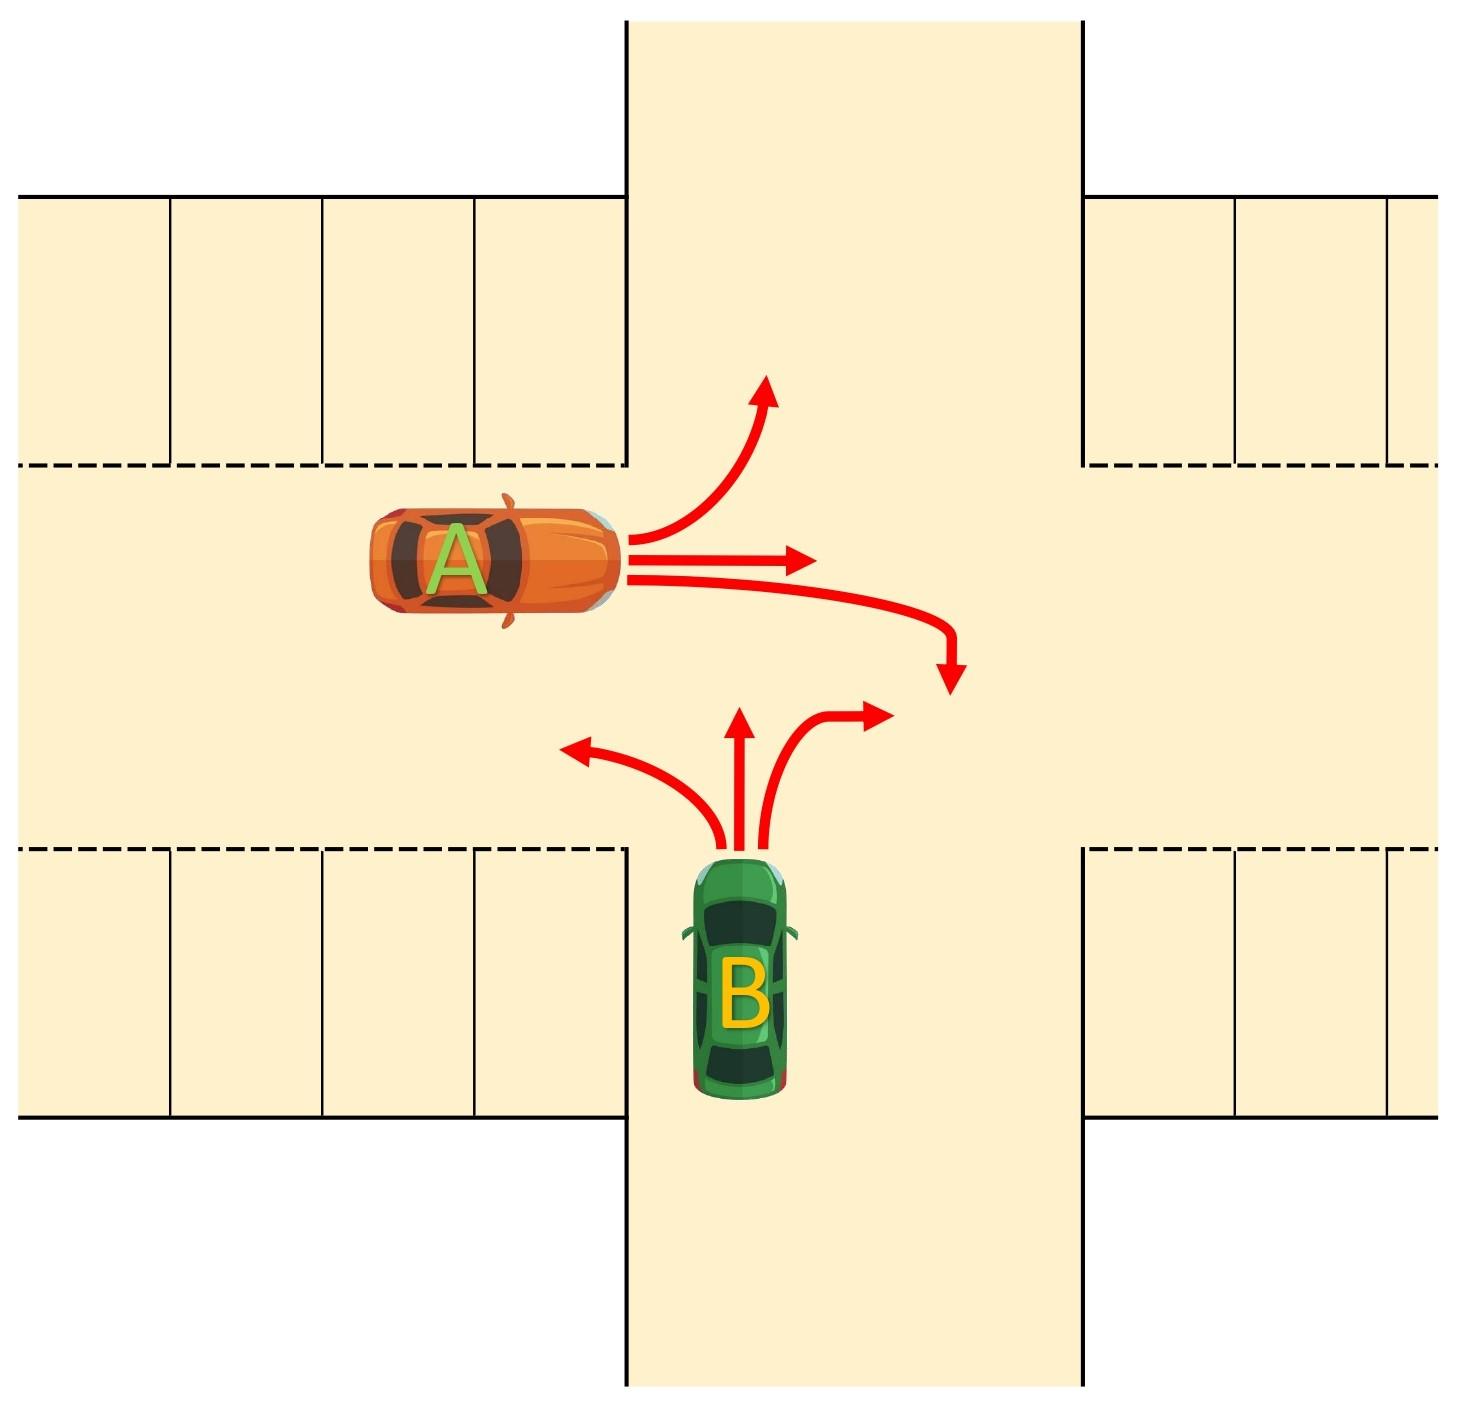 【図】駐車場内/四輪車同士/通路交差部分